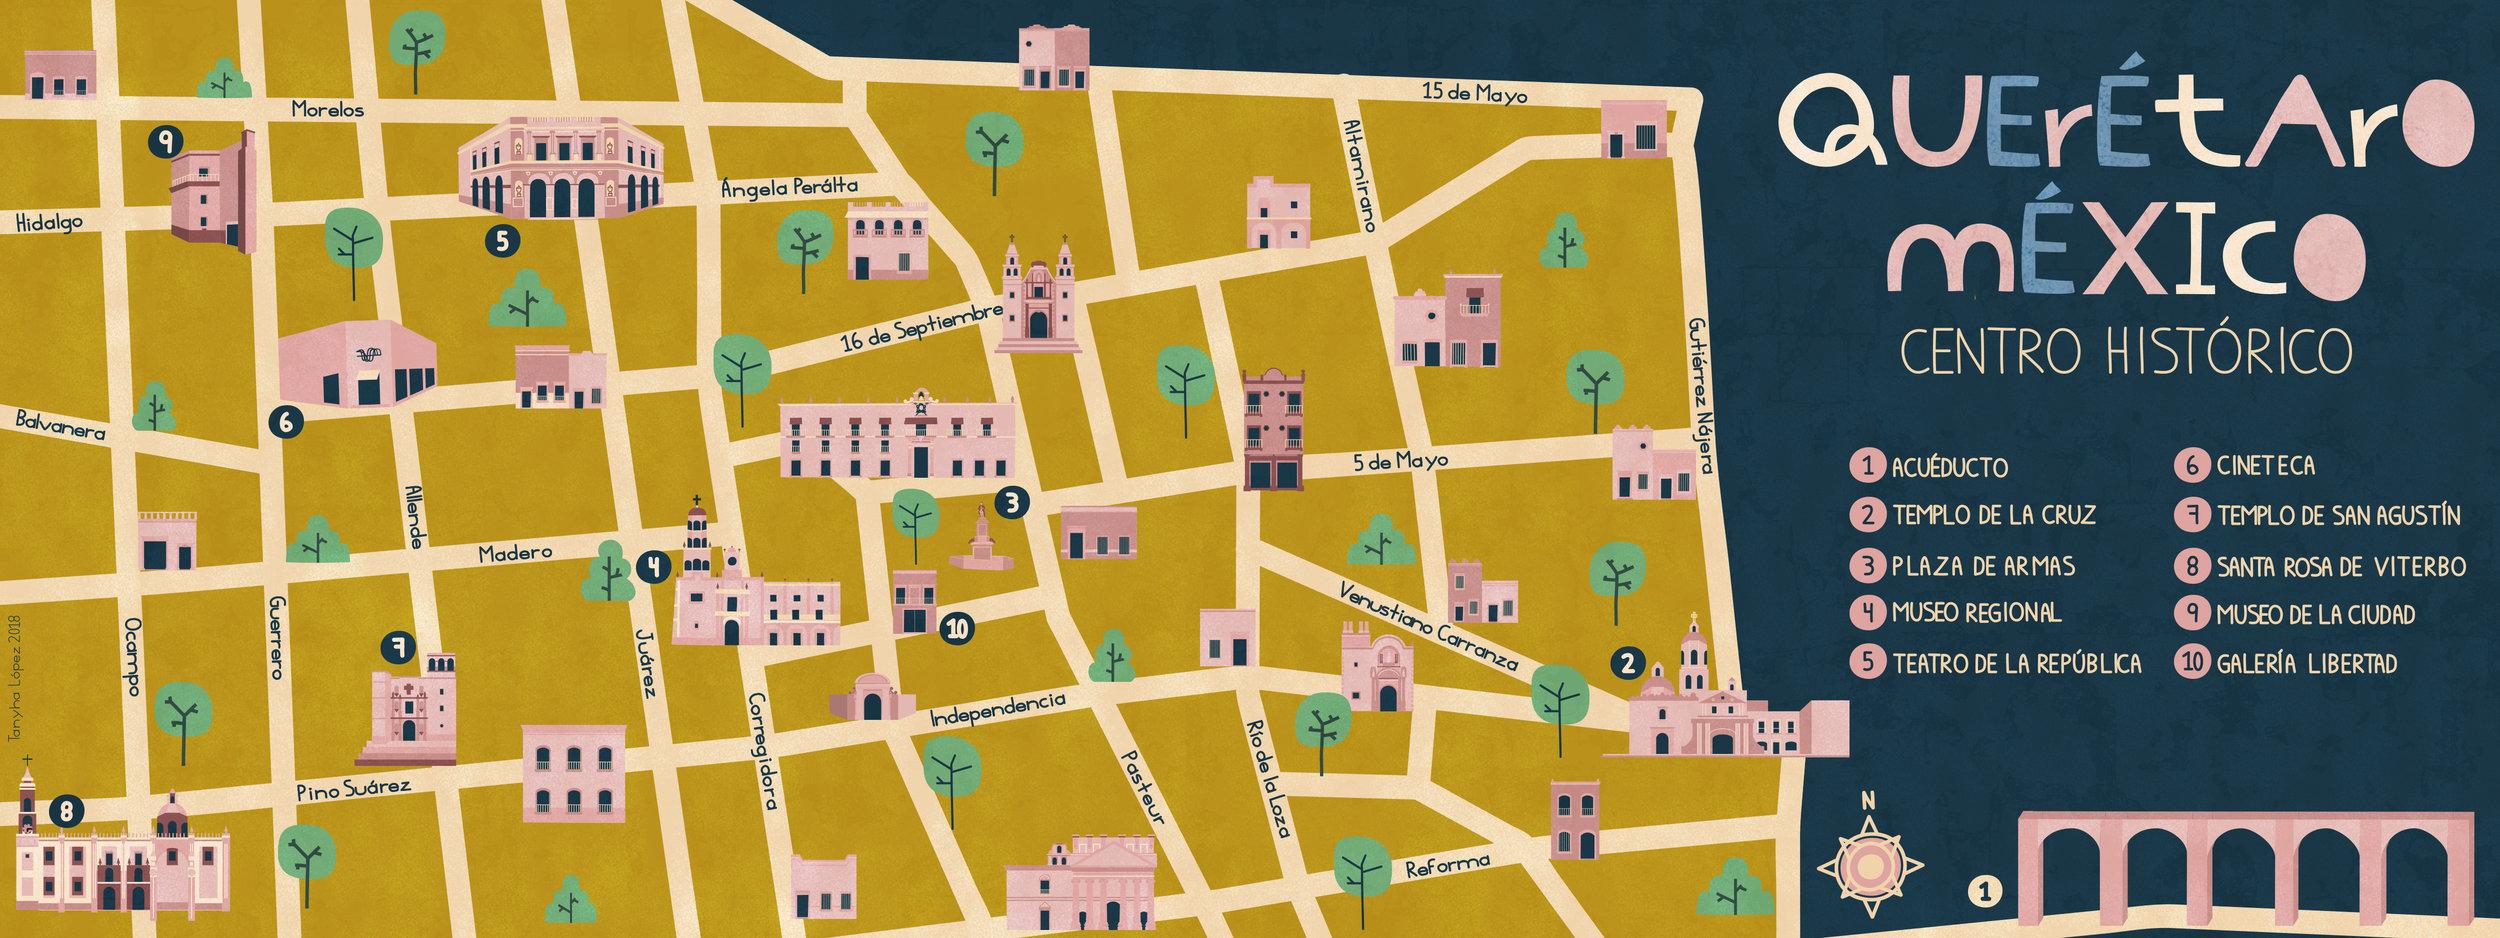 Mapa Ilustrado de la Ciudad de Querétaro